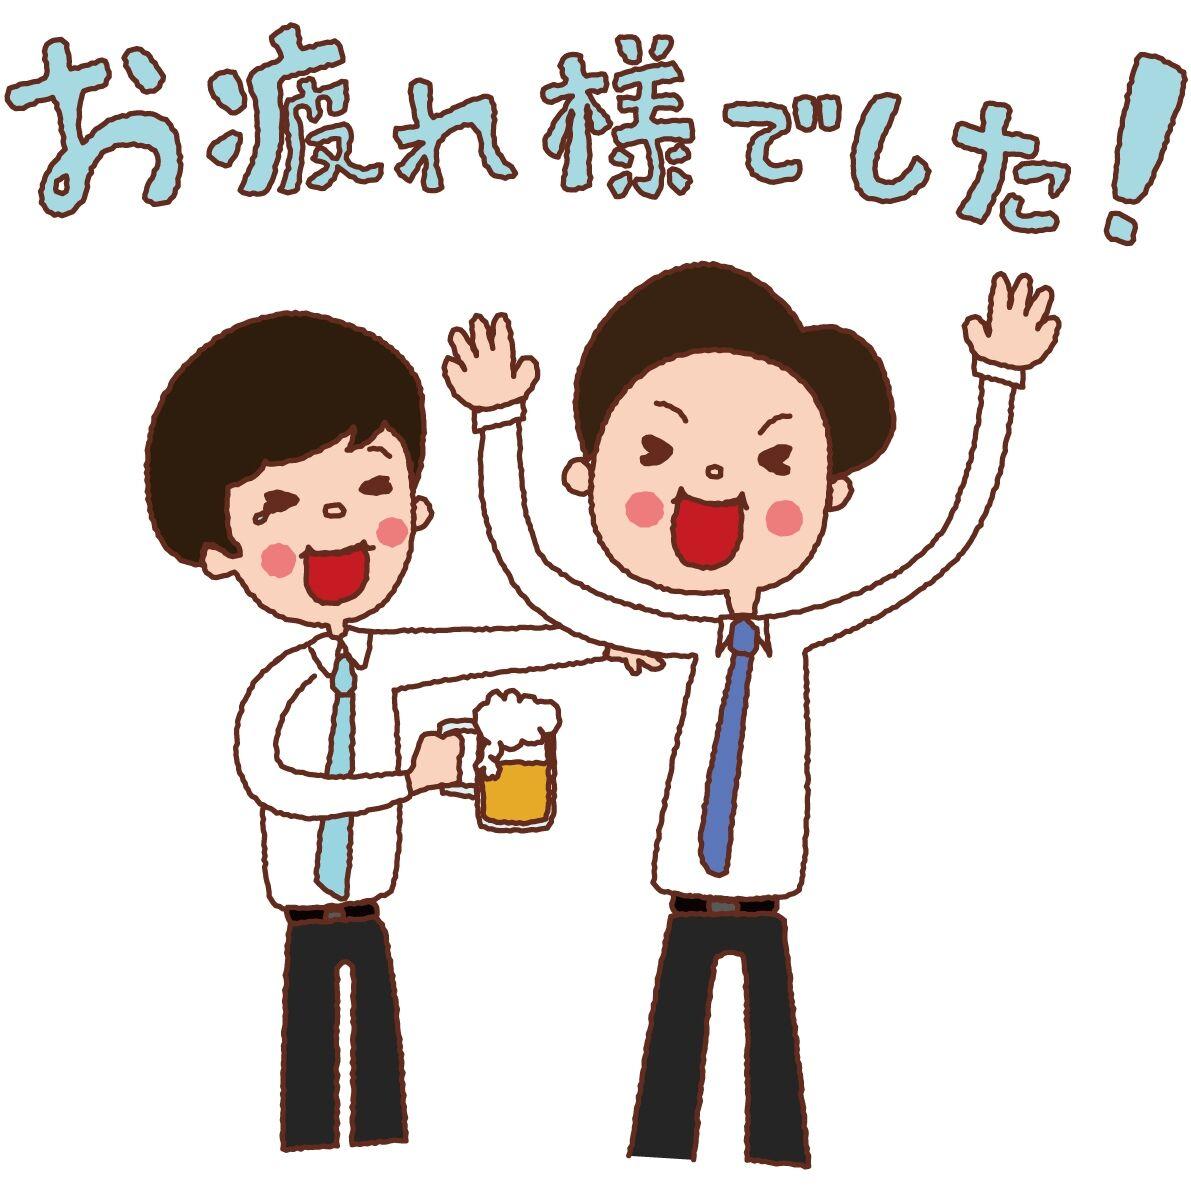 ご苦労様 - JapaneseClass.jp